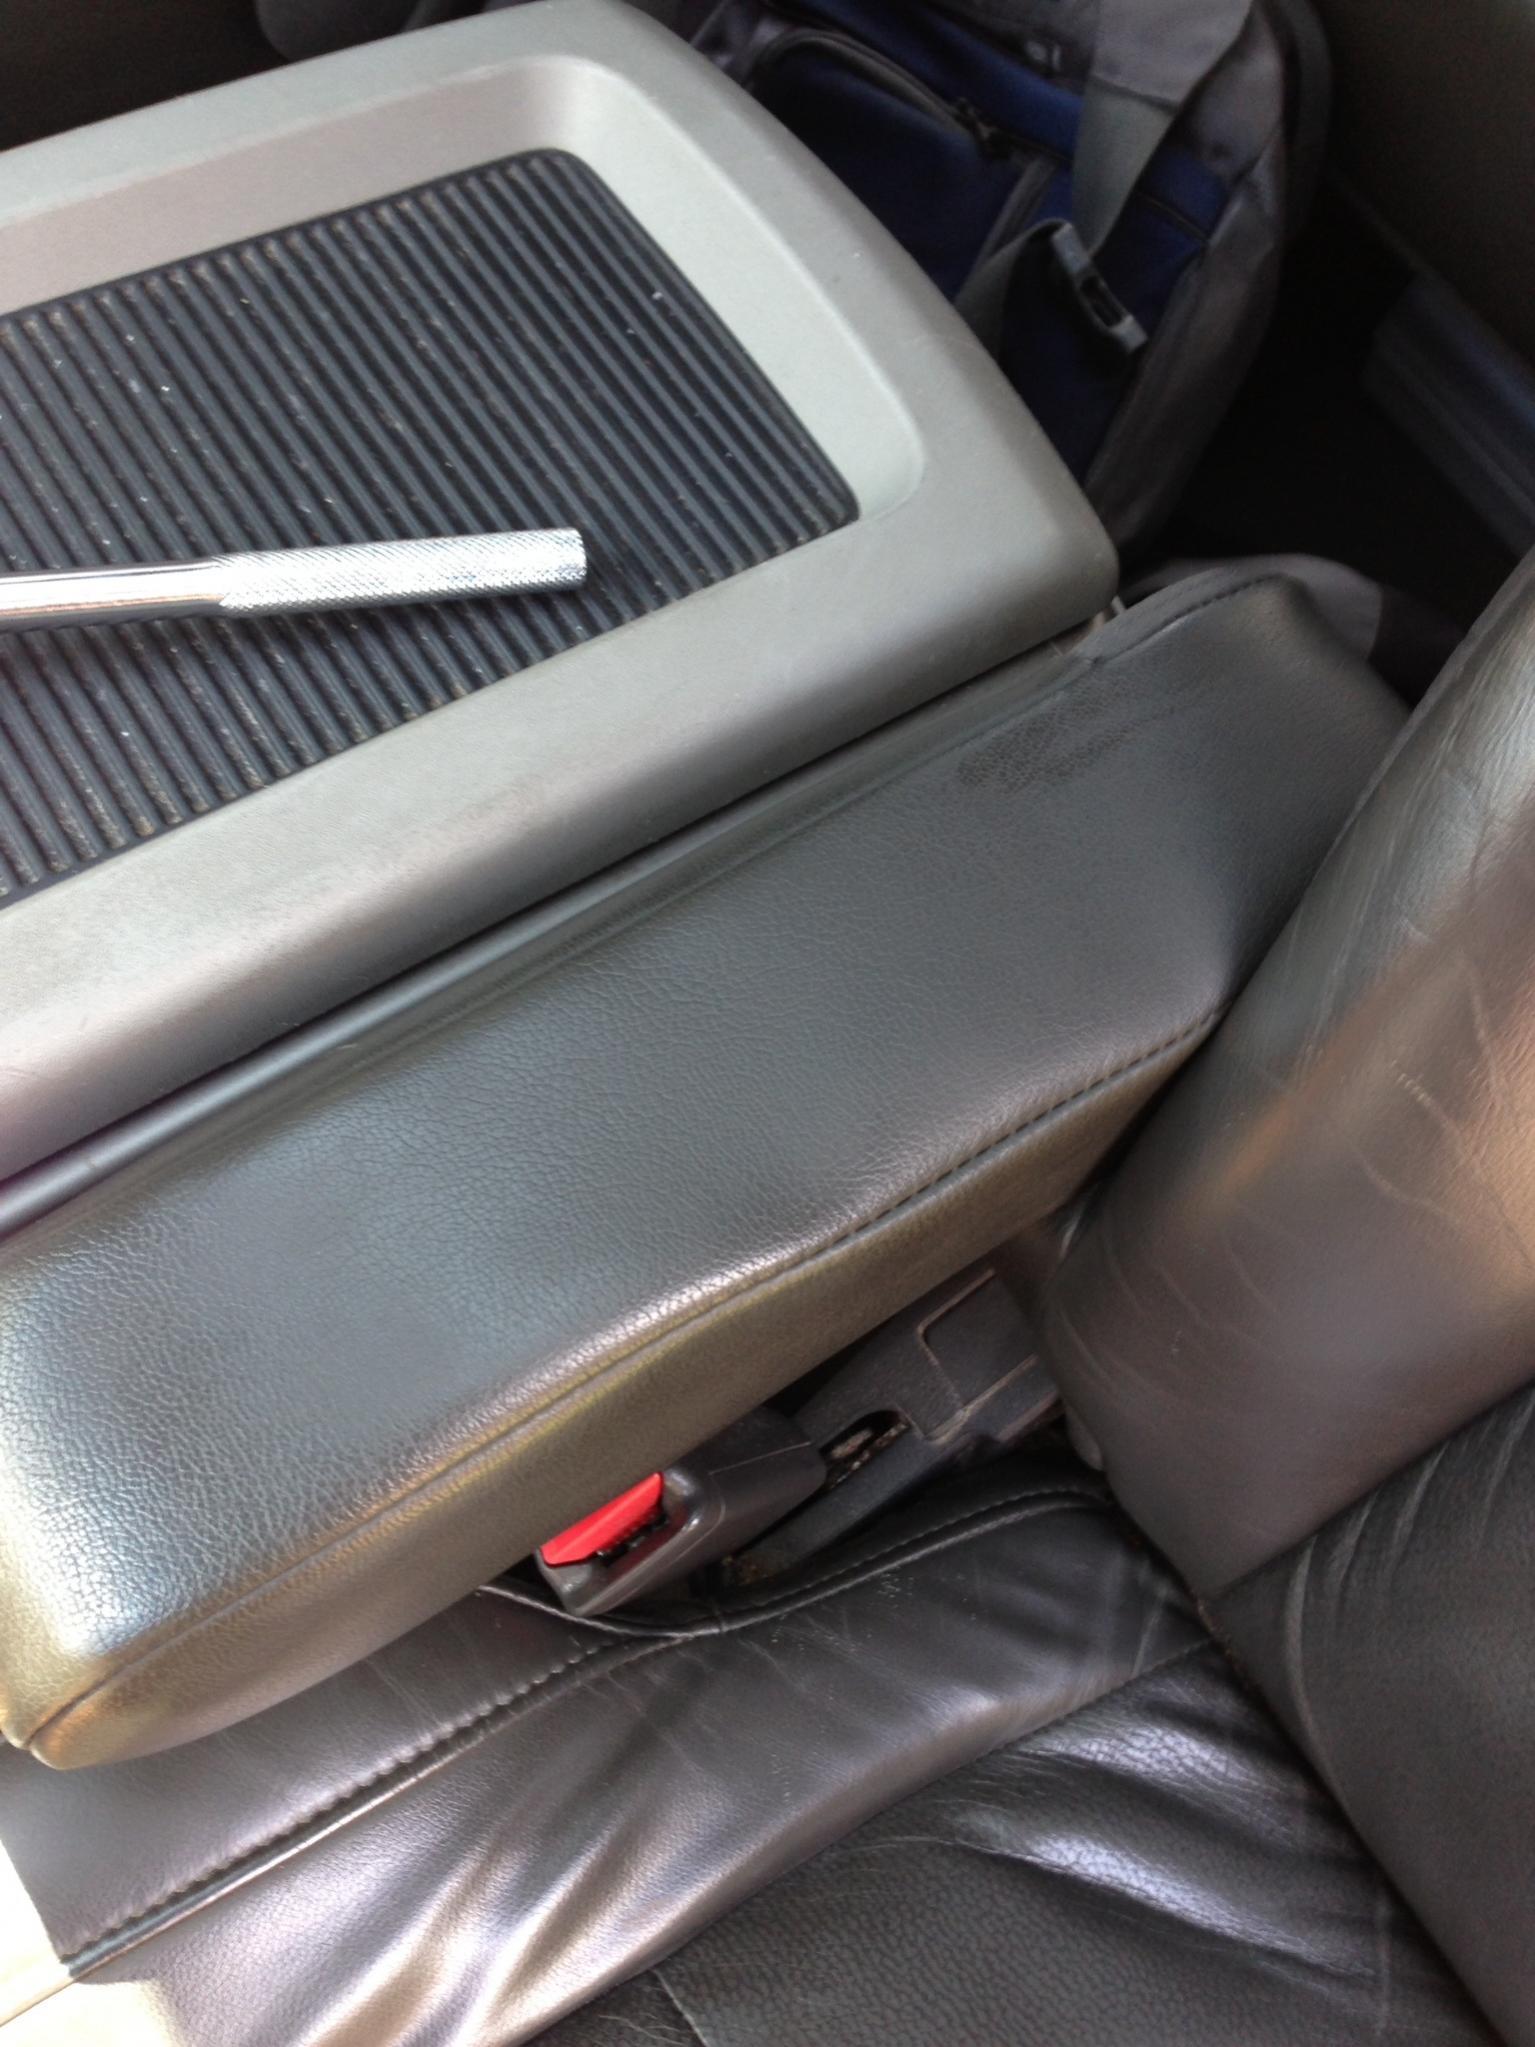 164625d1373689680-leather-arm-rest-crack